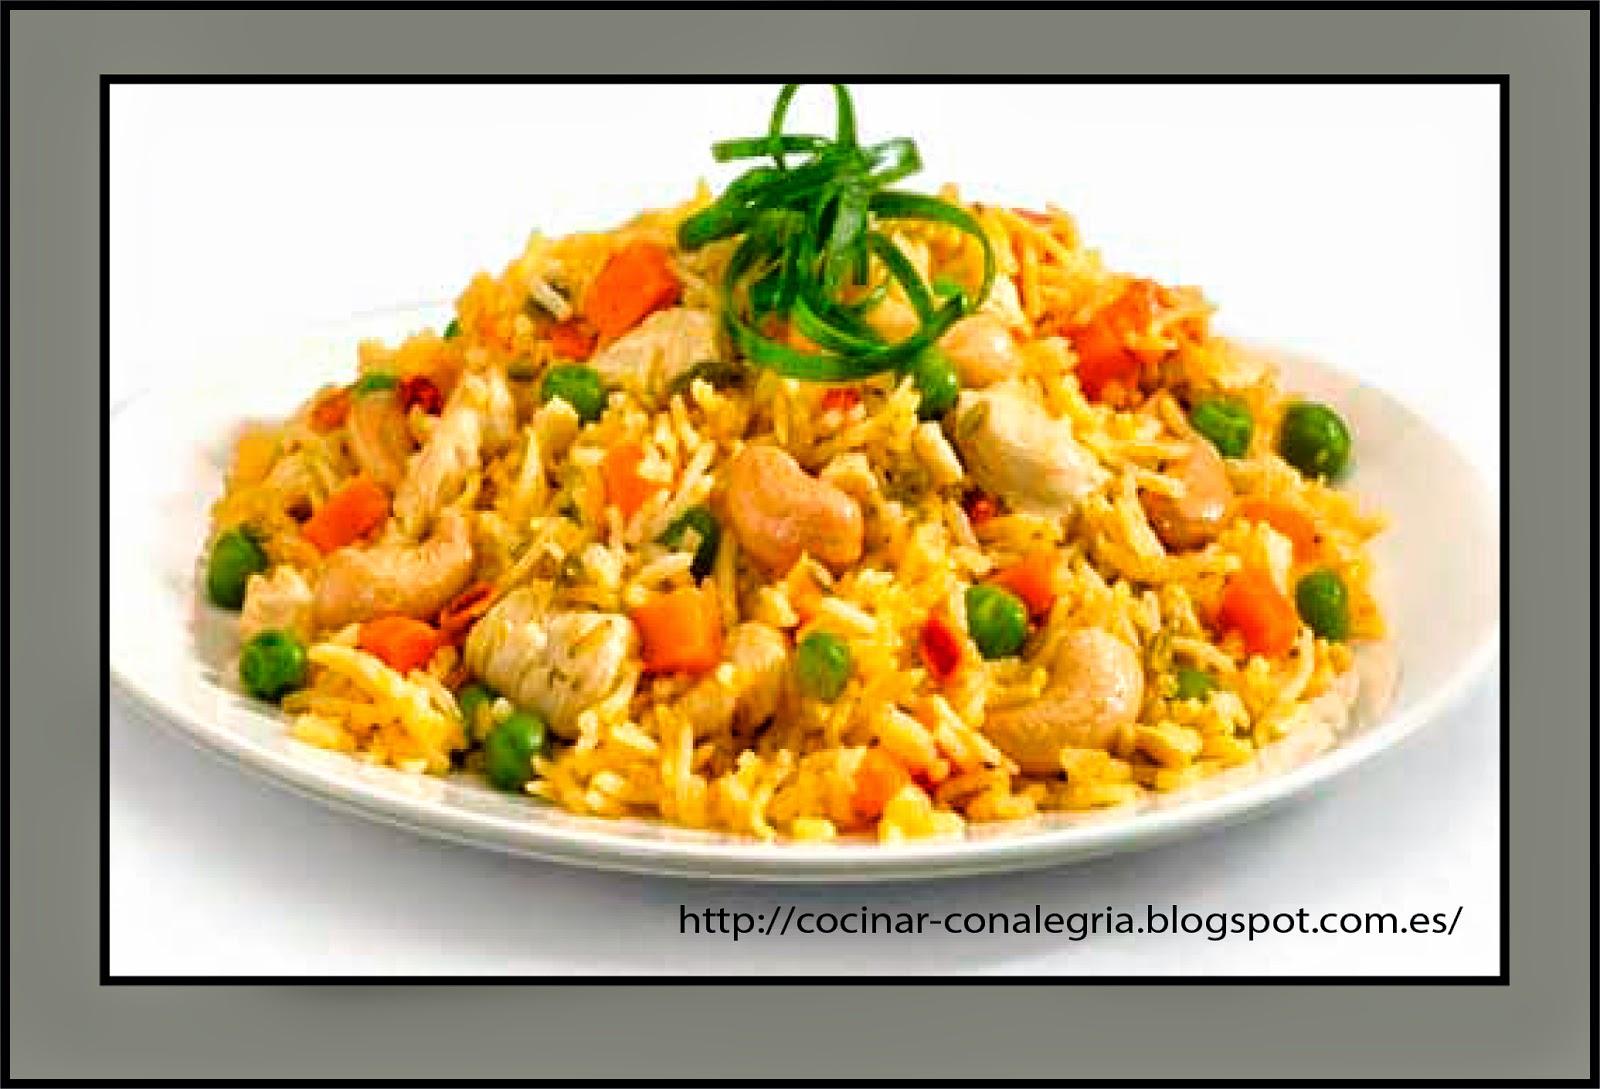 Genial cocinar arroz con verduras fotos fideos de arroz for Cocinar fideos de arroz